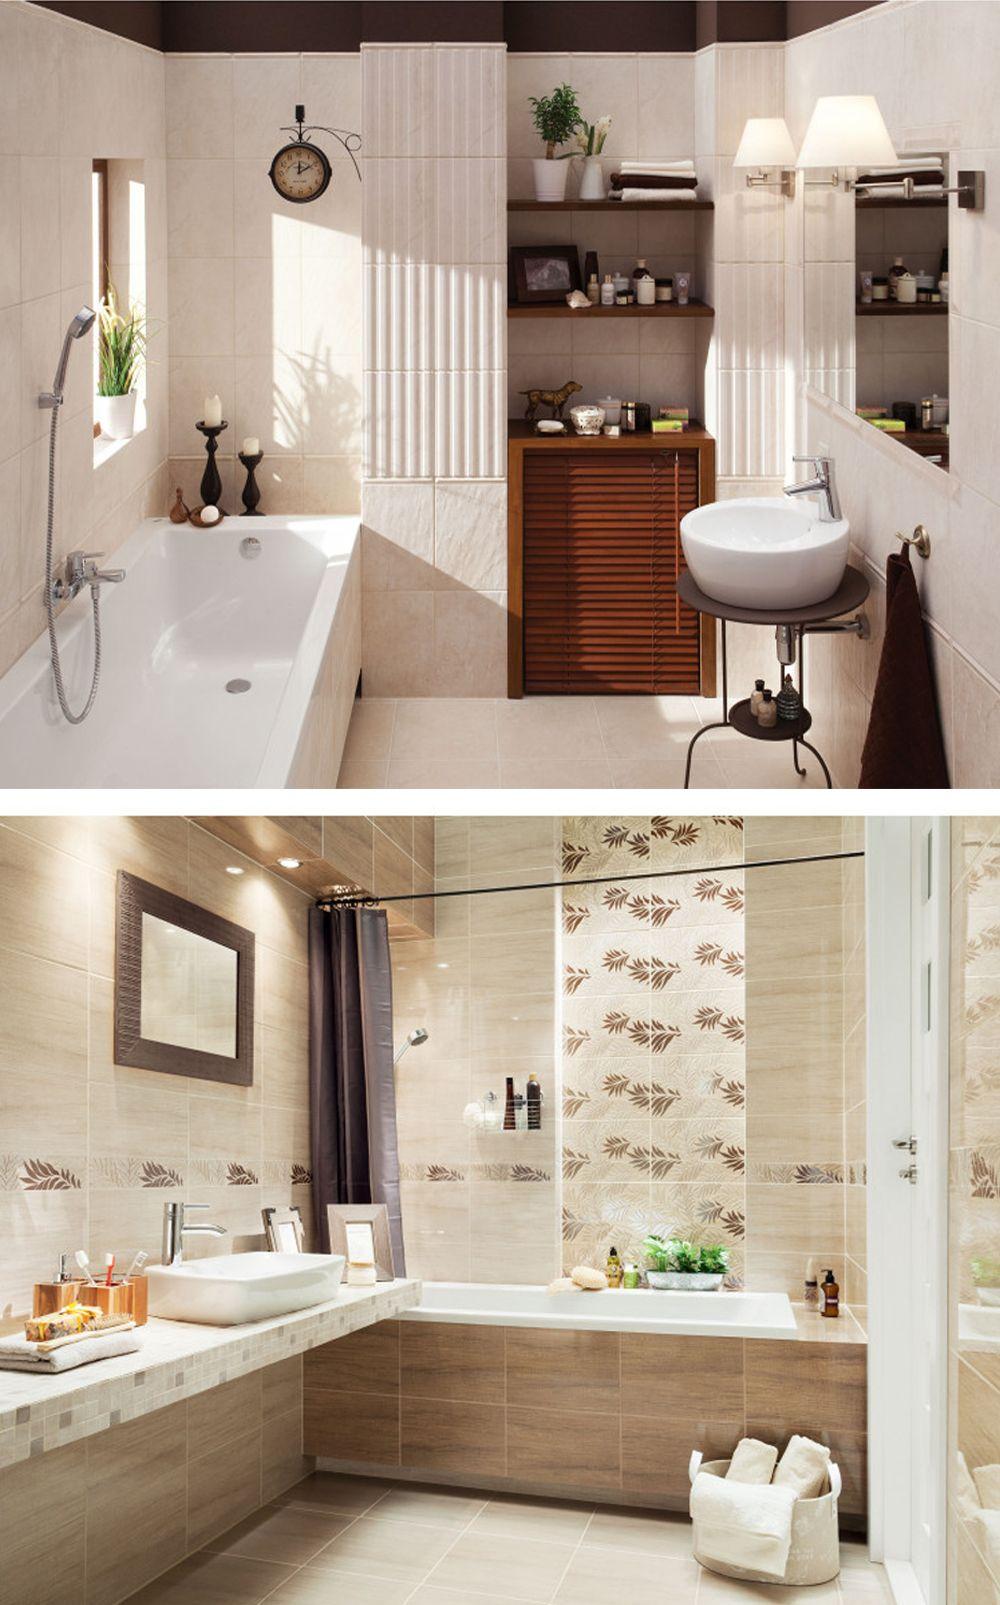 Plytki Lazienkowe W Najmodniejszych Wzorach I Dekorach Paradyz Domino Tubadzin Korzilius Alcove Bathtub Alcove Bathroom